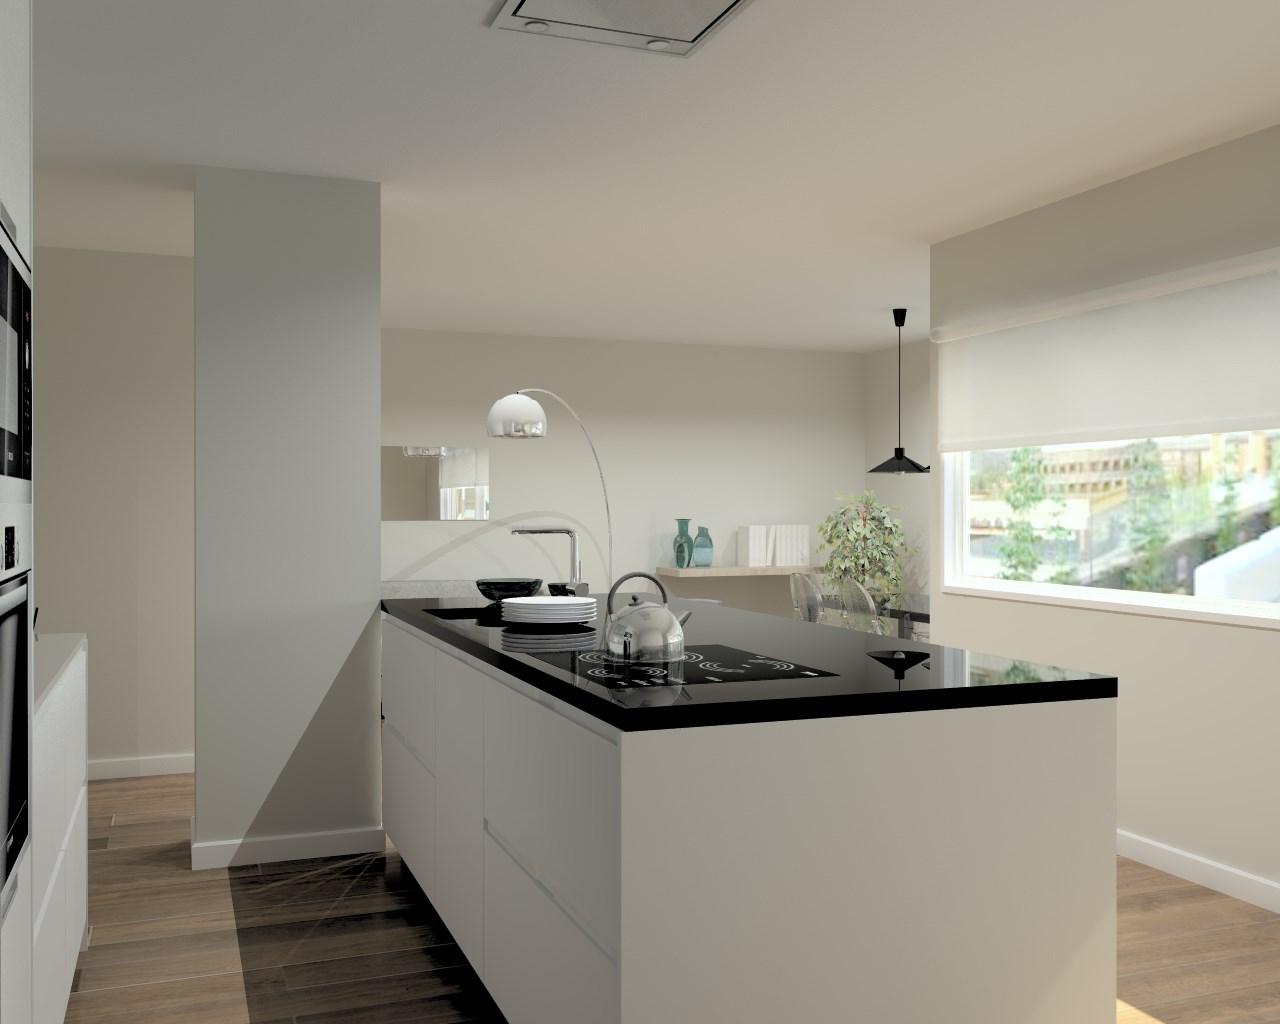 Cocina santos modelo intra laminado seda blanco encimeras for Encimera de cocina lacada en blanco negro